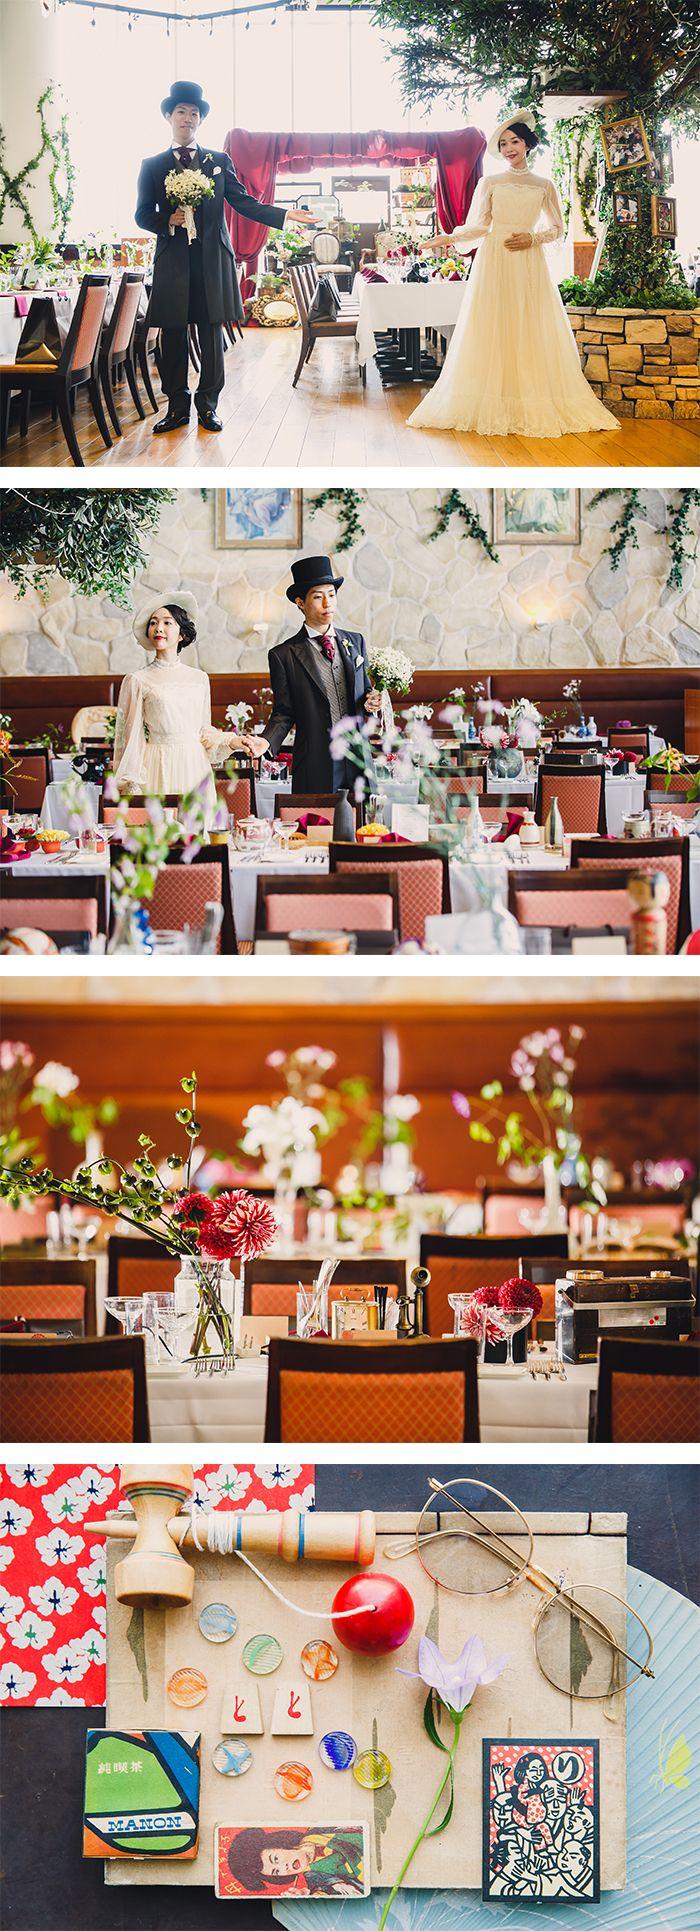 crazy wedding(クレイジーウェディング)はオリジナルウェディングのプロデュースチーム。専属プロデューサーが予算、会場選び、装飾、当日の結婚式準備まで、すべてをサポート。おふたりの個性を表現した、世界にひとつだけの結婚式を創り上げます。